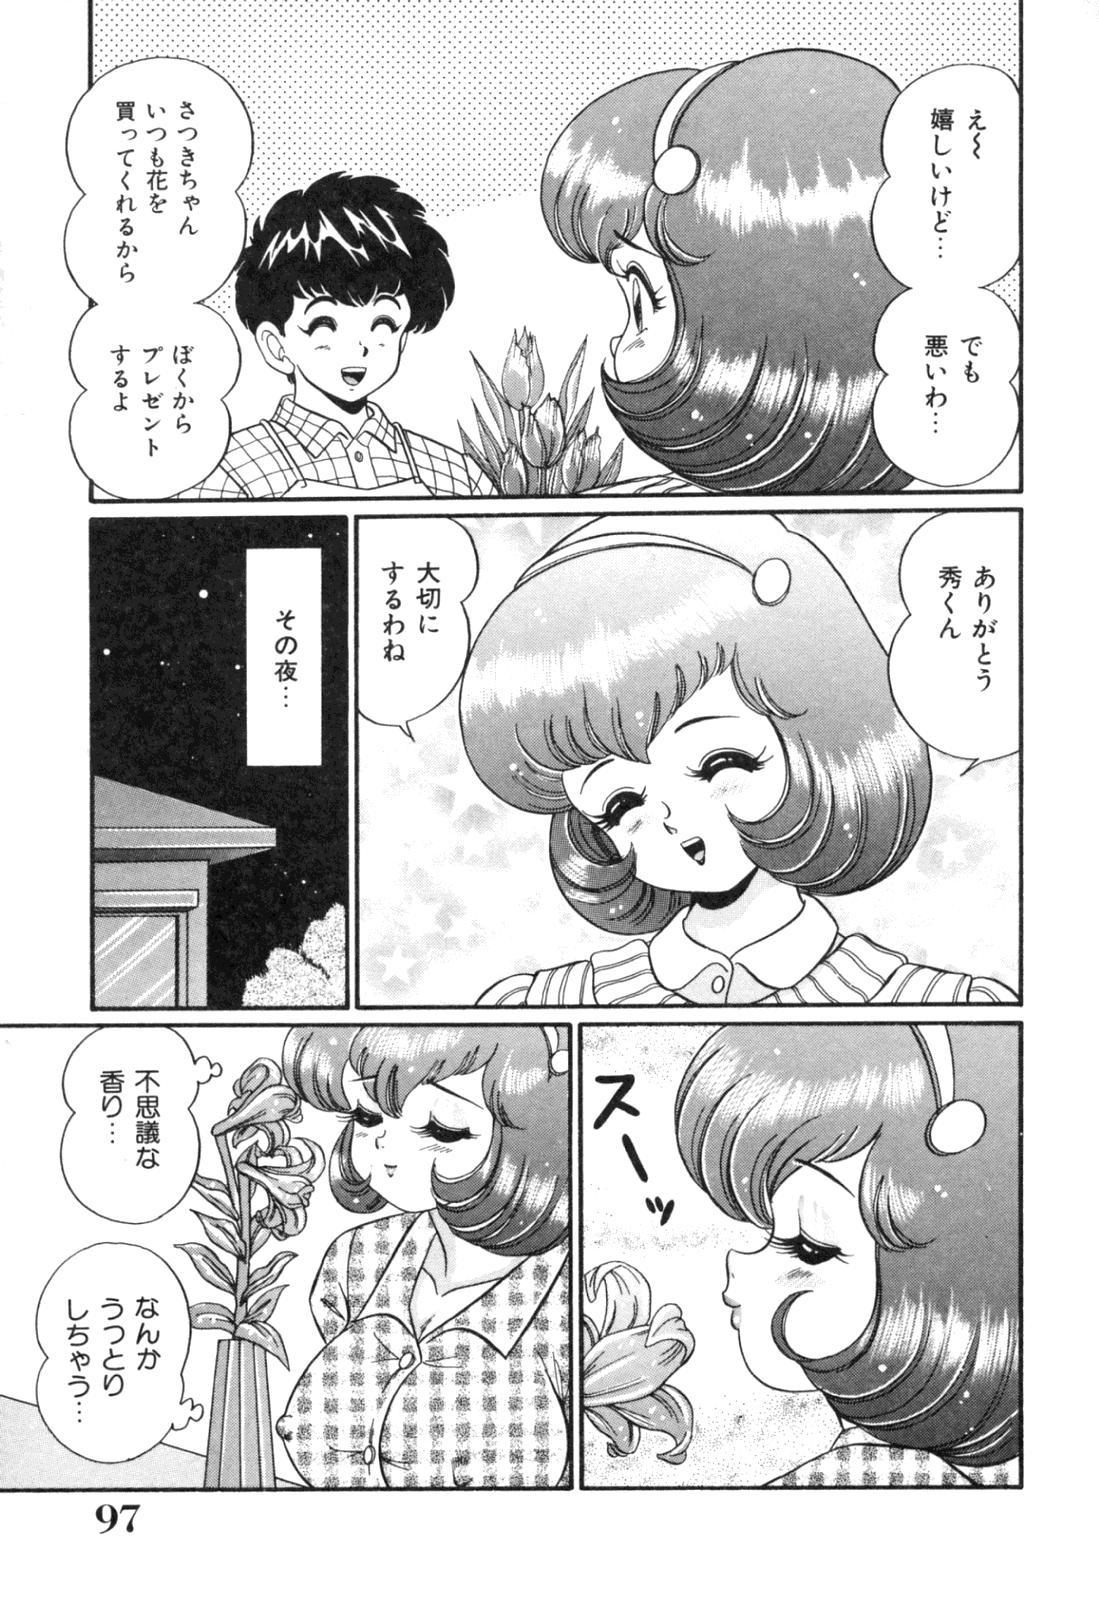 [Watanabe Wataru] Tonari no Onee-san - Sister of Neighborhood 98